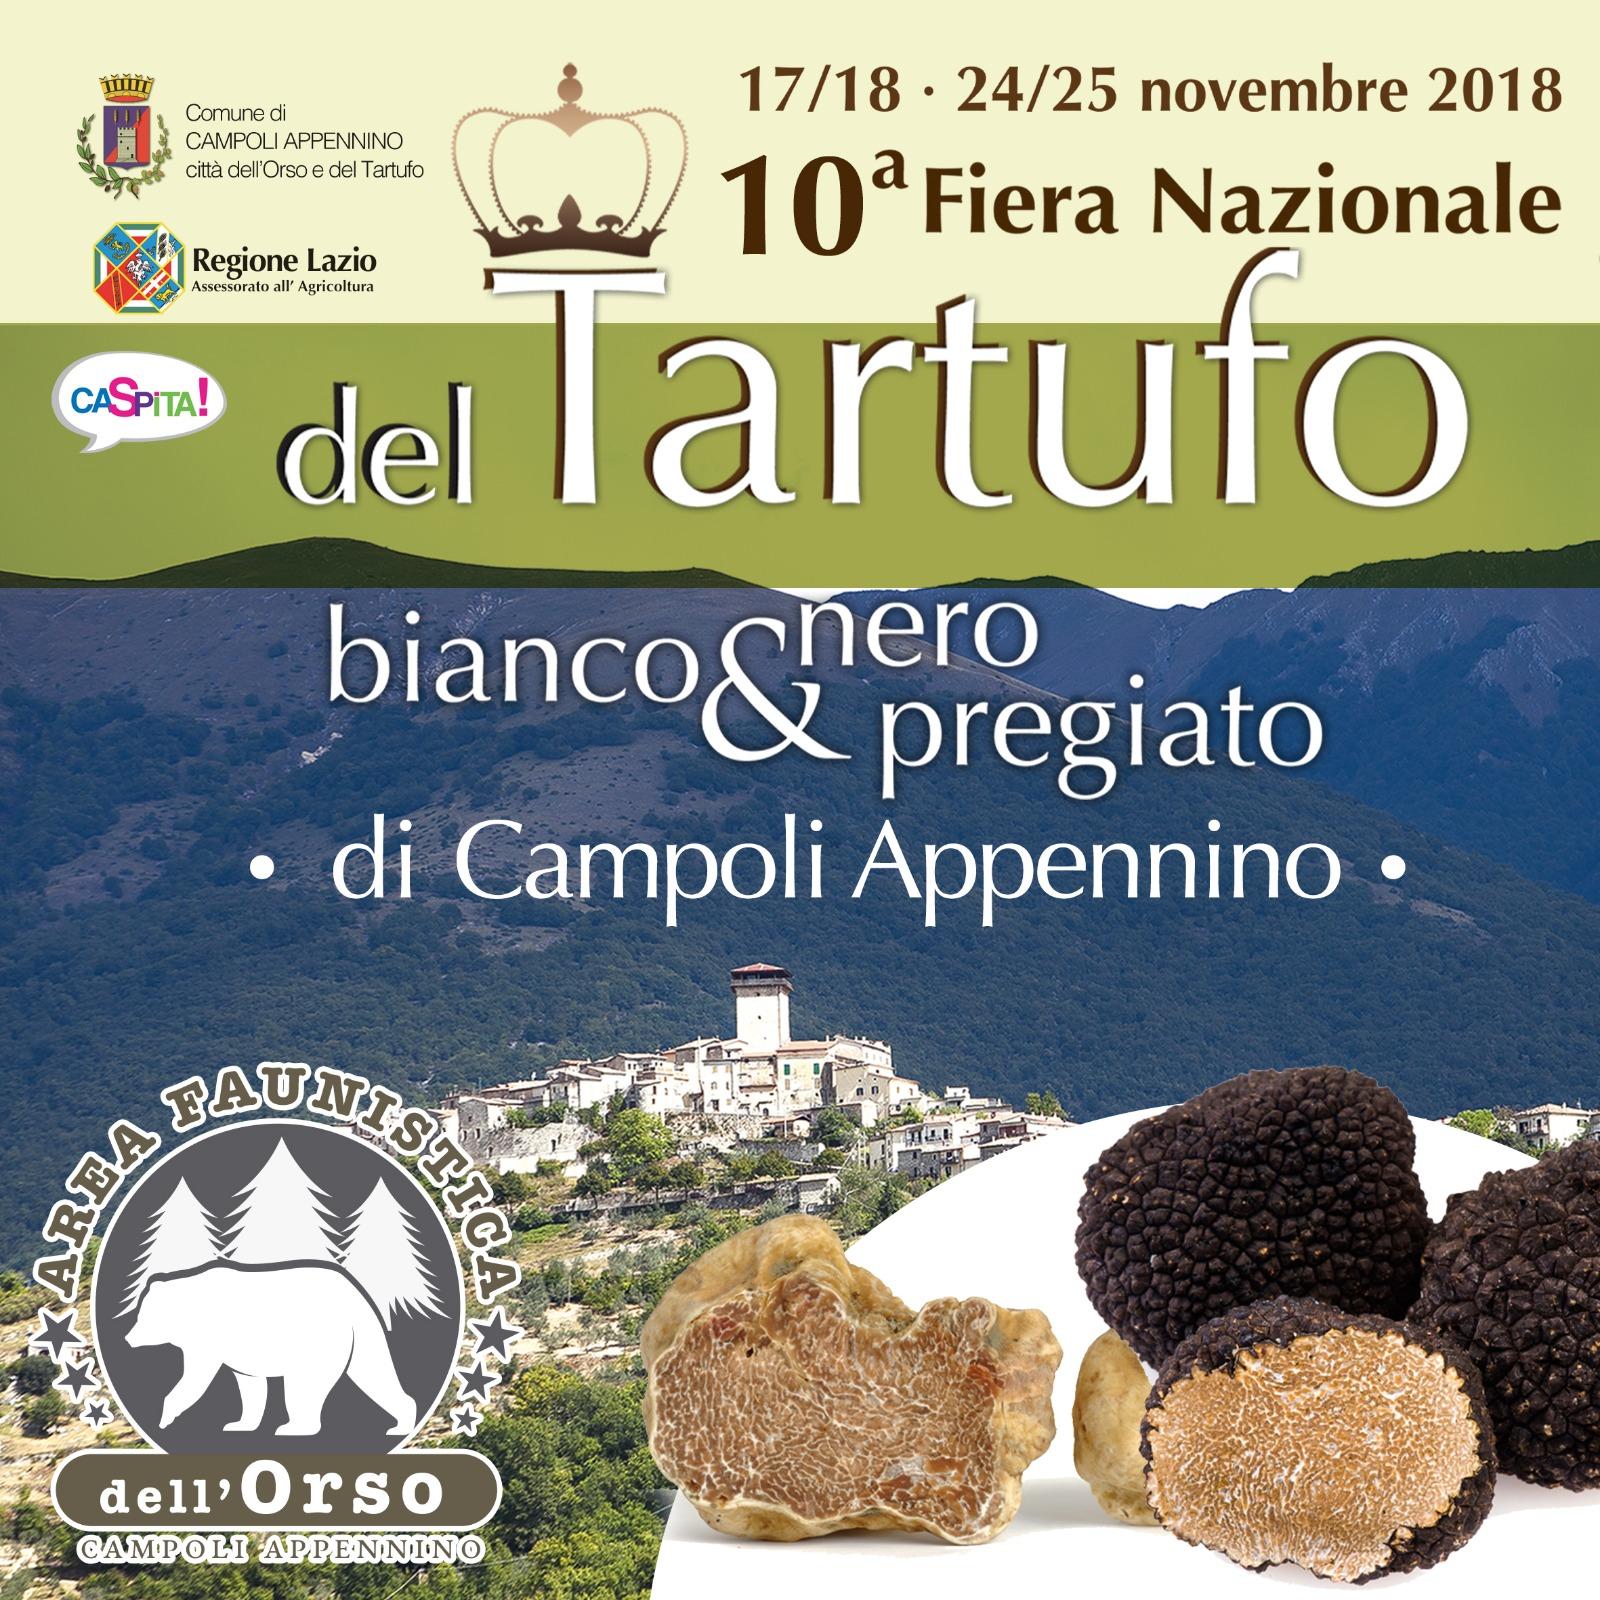 10° Fiera Nazionale del tartufo Bianco e nero pregiato di Campoli Appennino